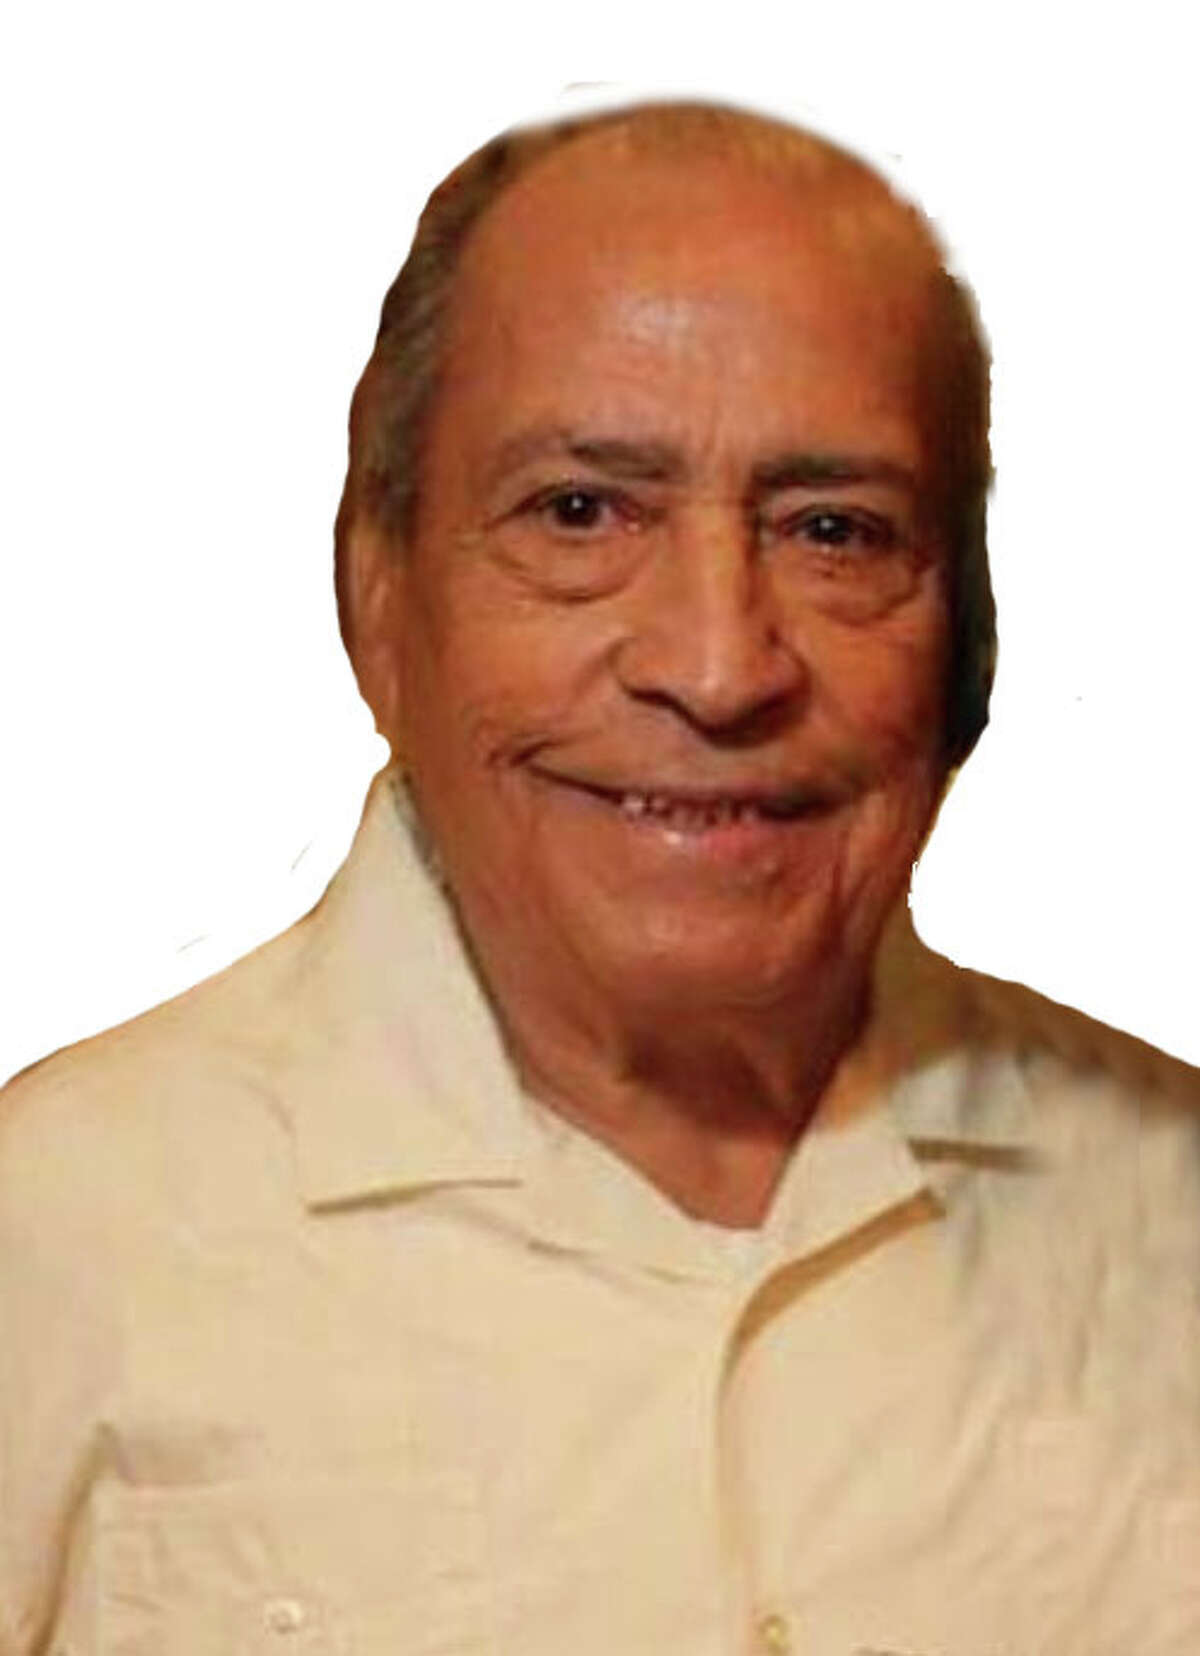 Guillermo 'Willie' Villarreal